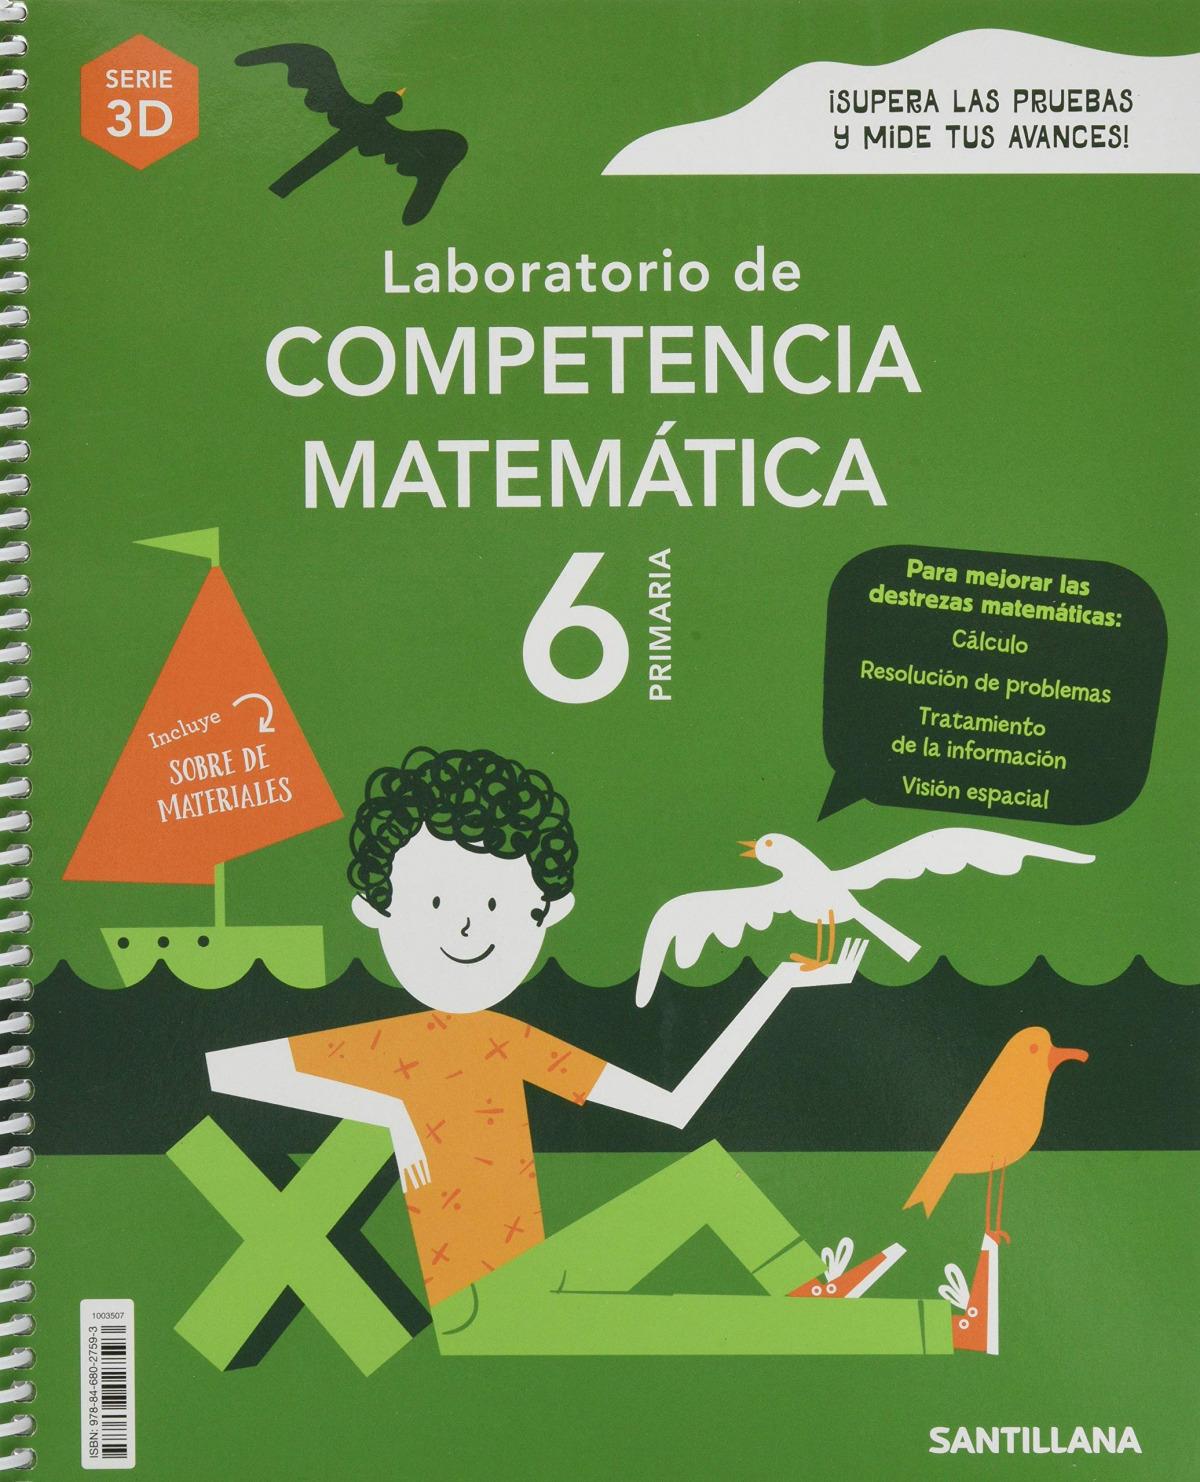 LABORATORIO DE COMPETENCIA MATEMATICA SERIE 3D 6 PRIMARIA